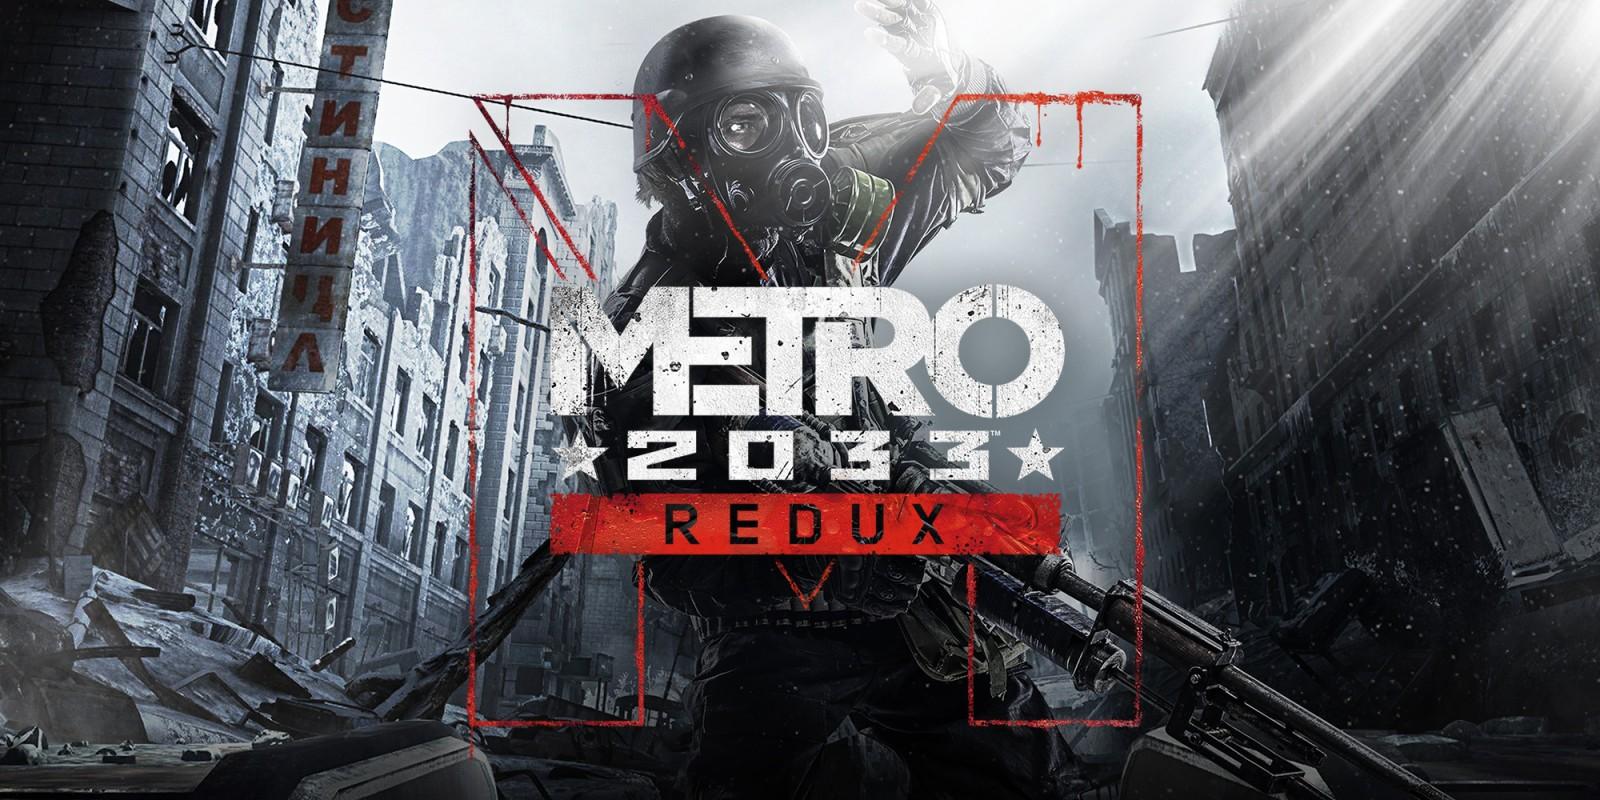 Πλήρης ανάλυση του Metro Redux στο Switch